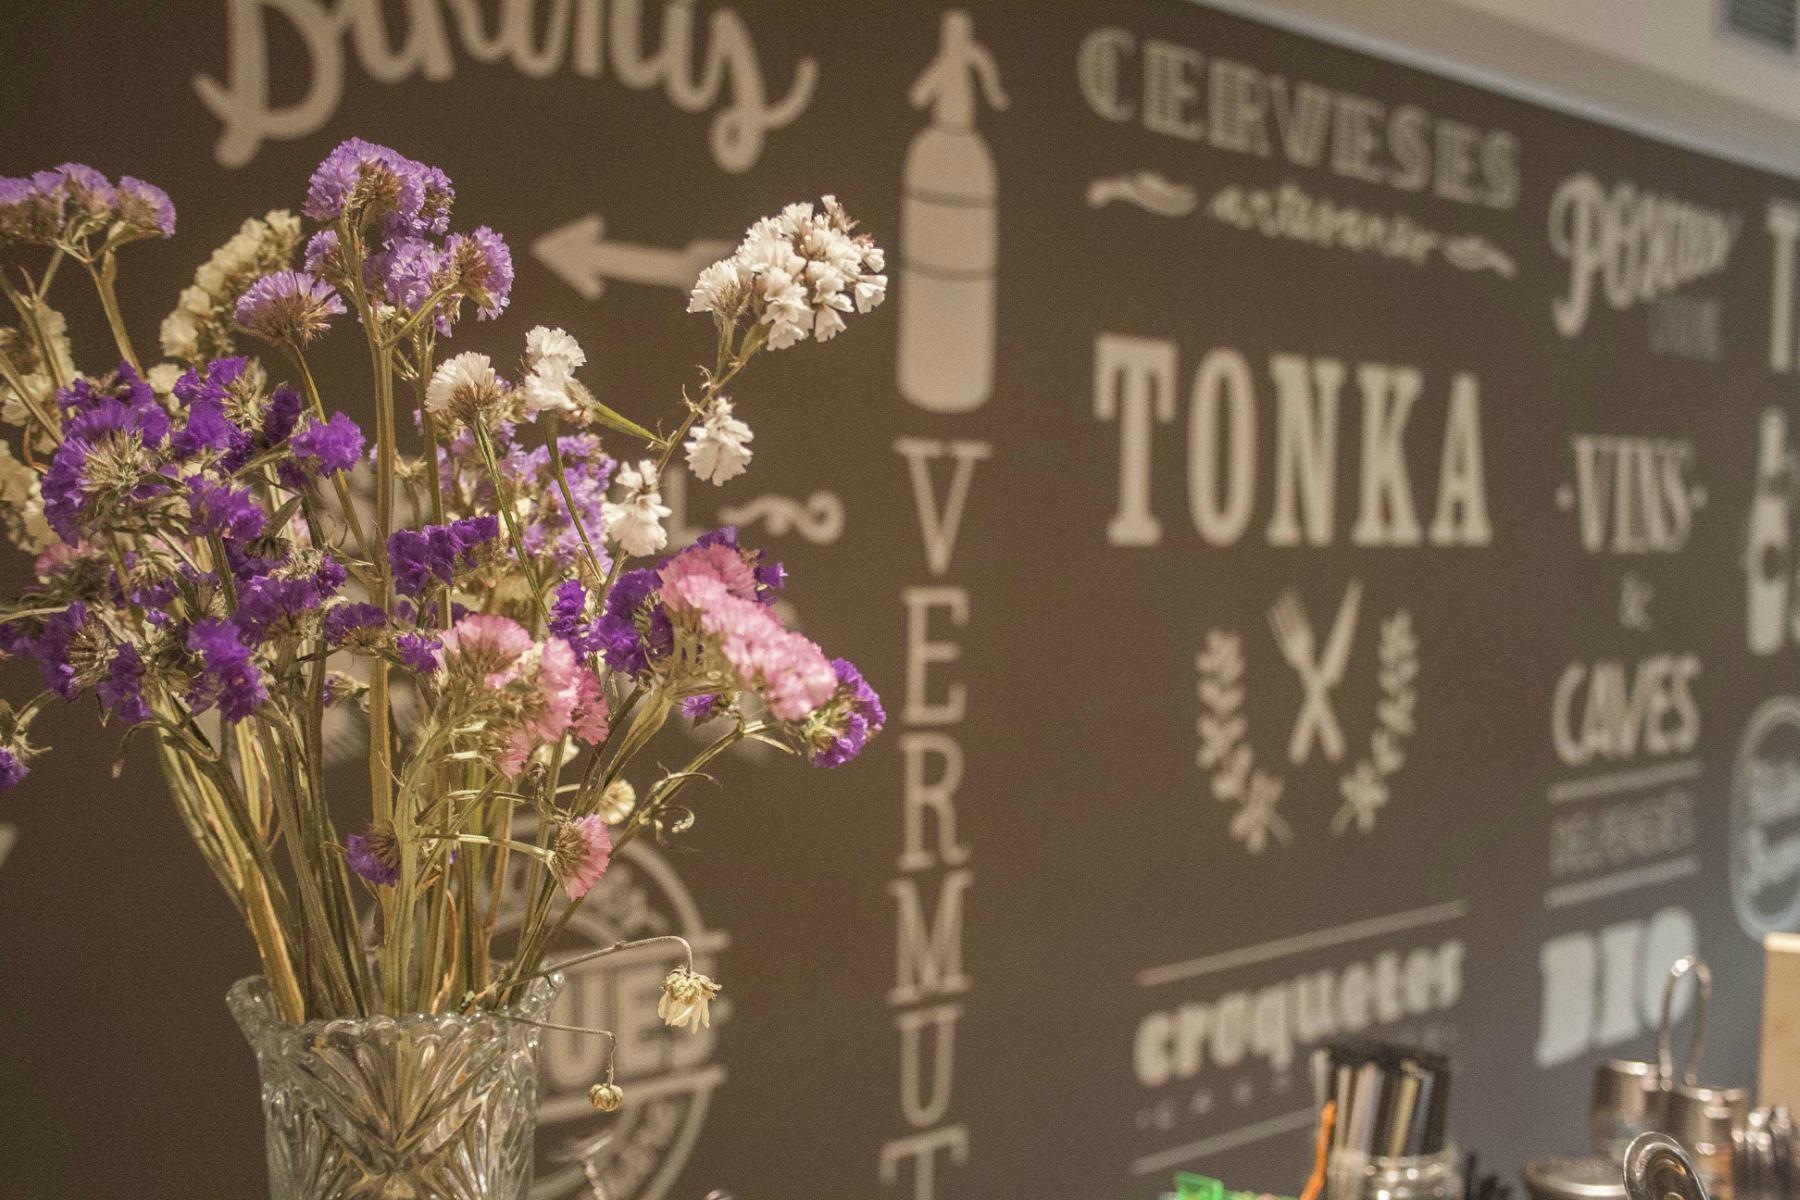 Tonka bar restaurante barcelona